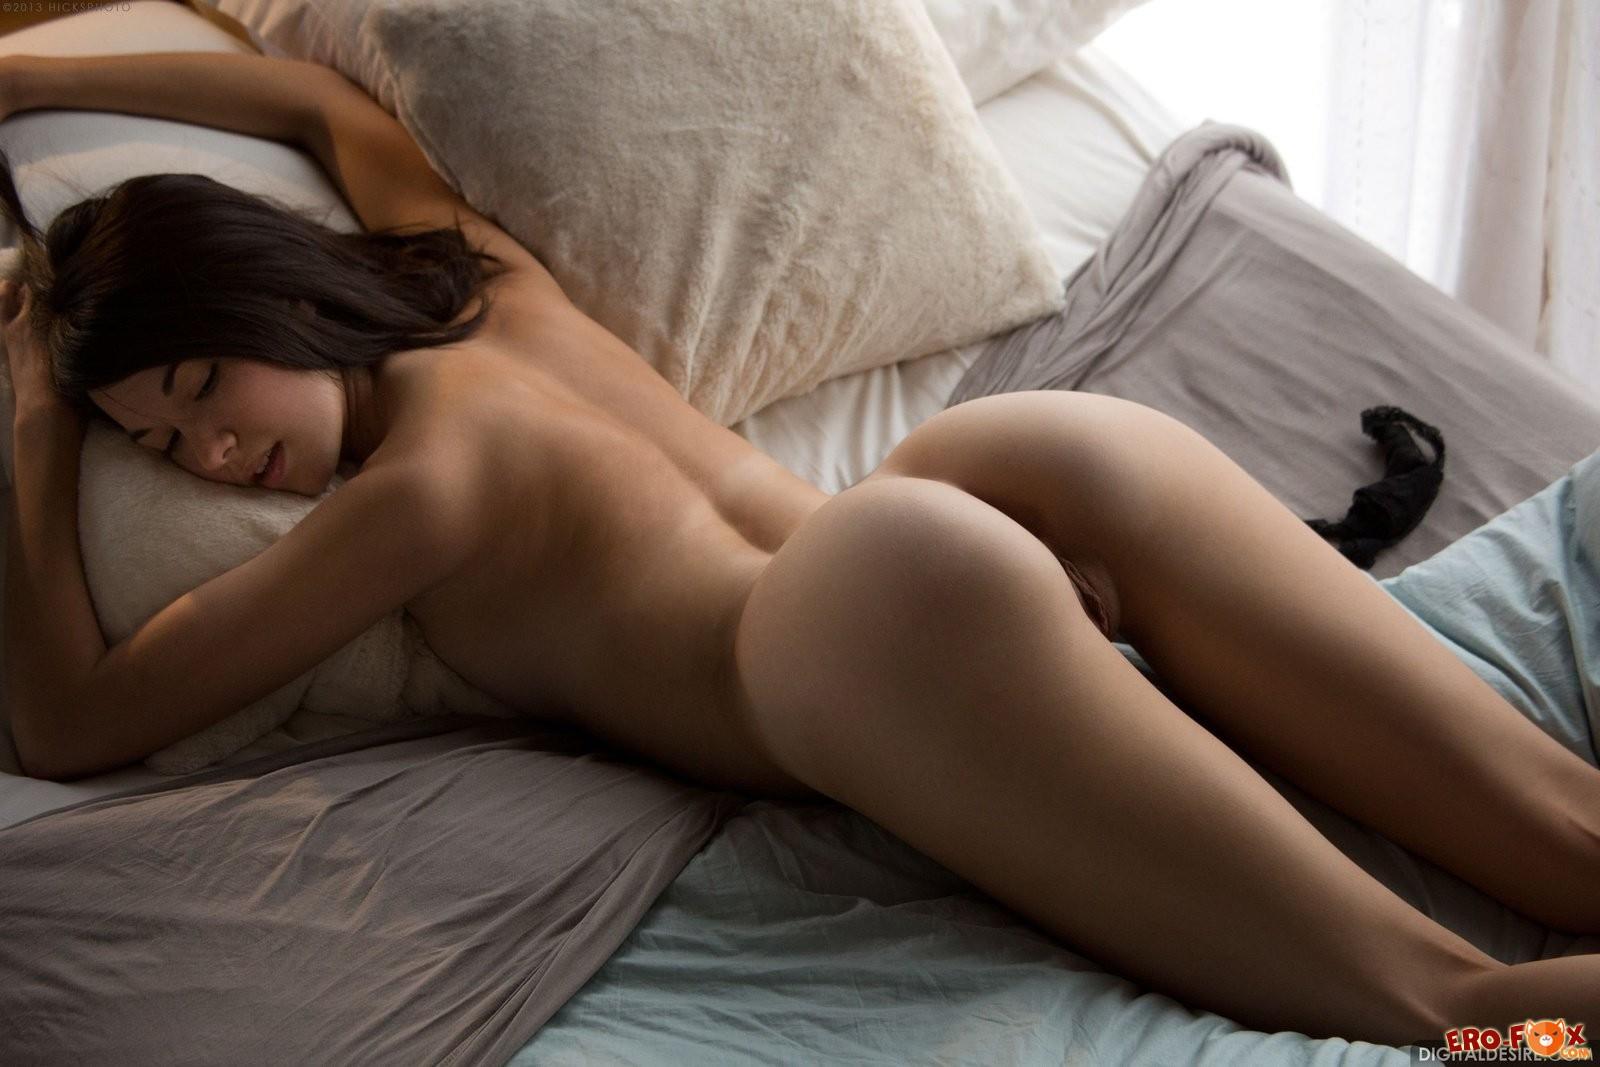 Девушка разделась и легла в постель .